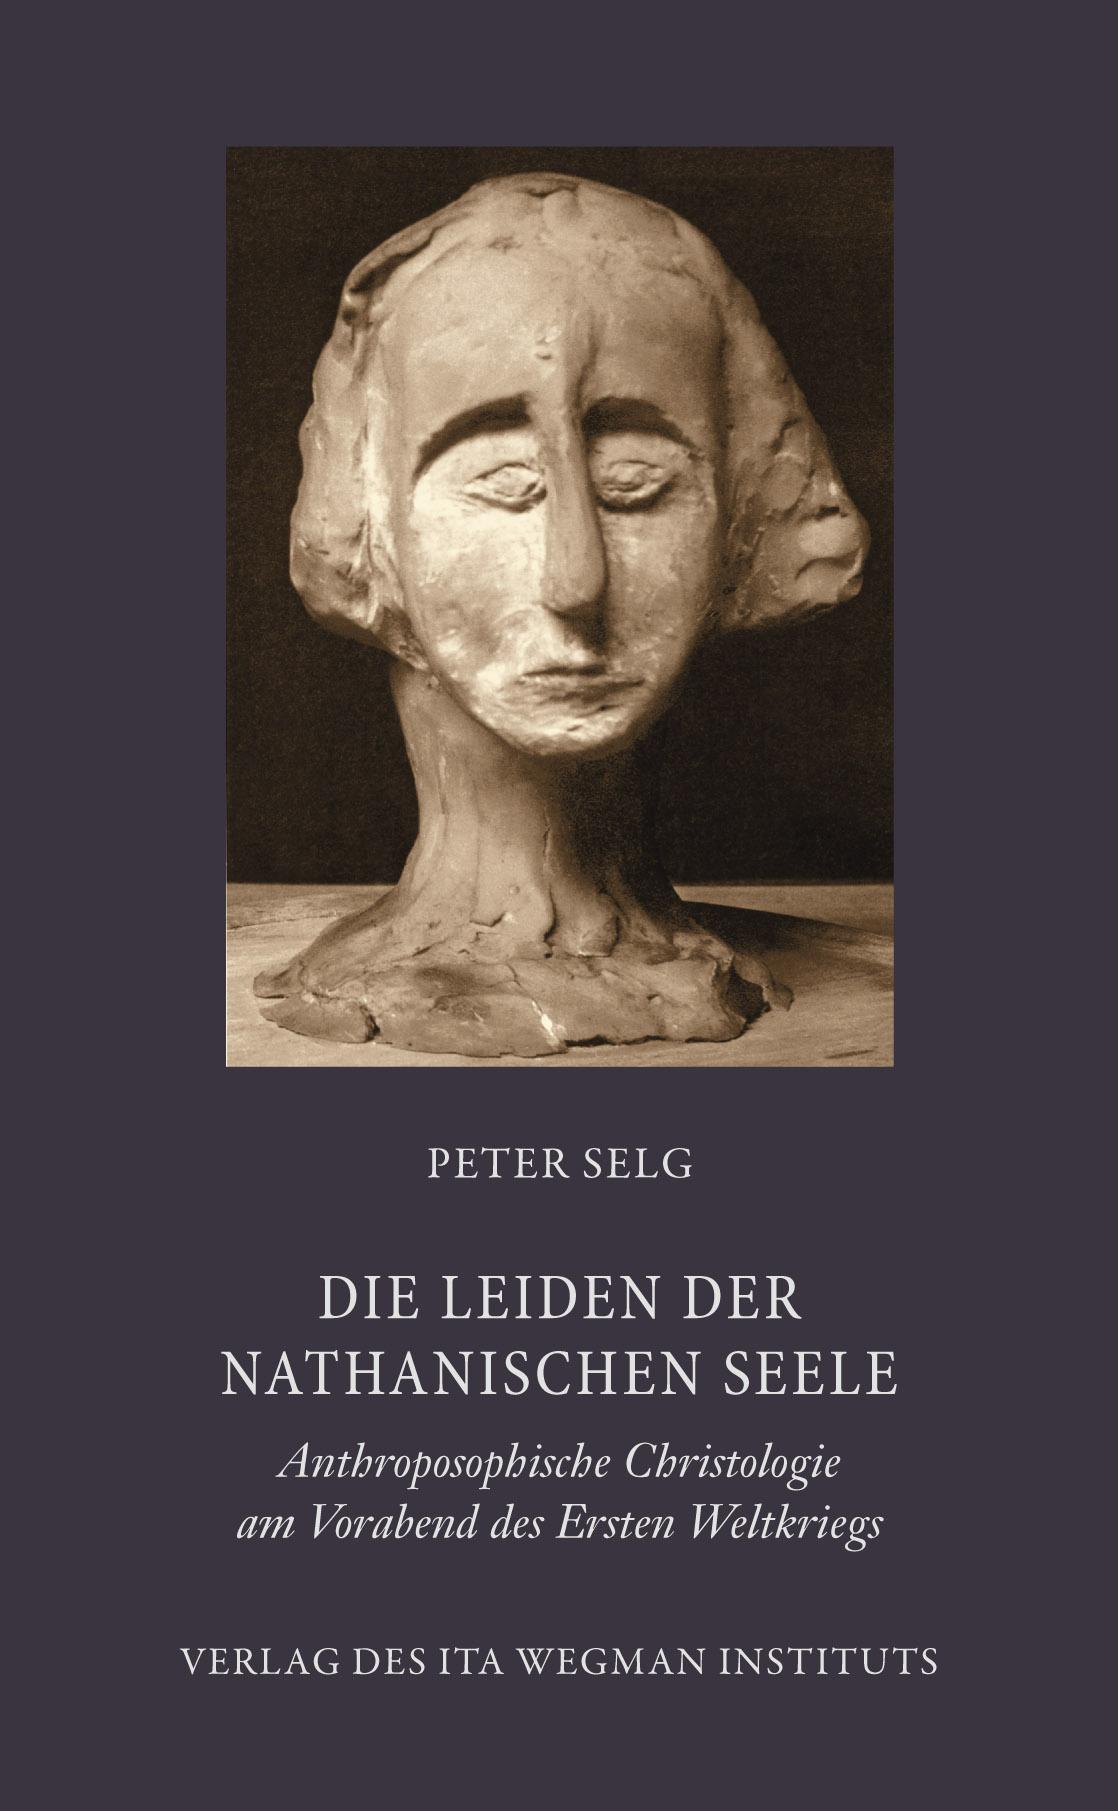 buch_nathanische_seele